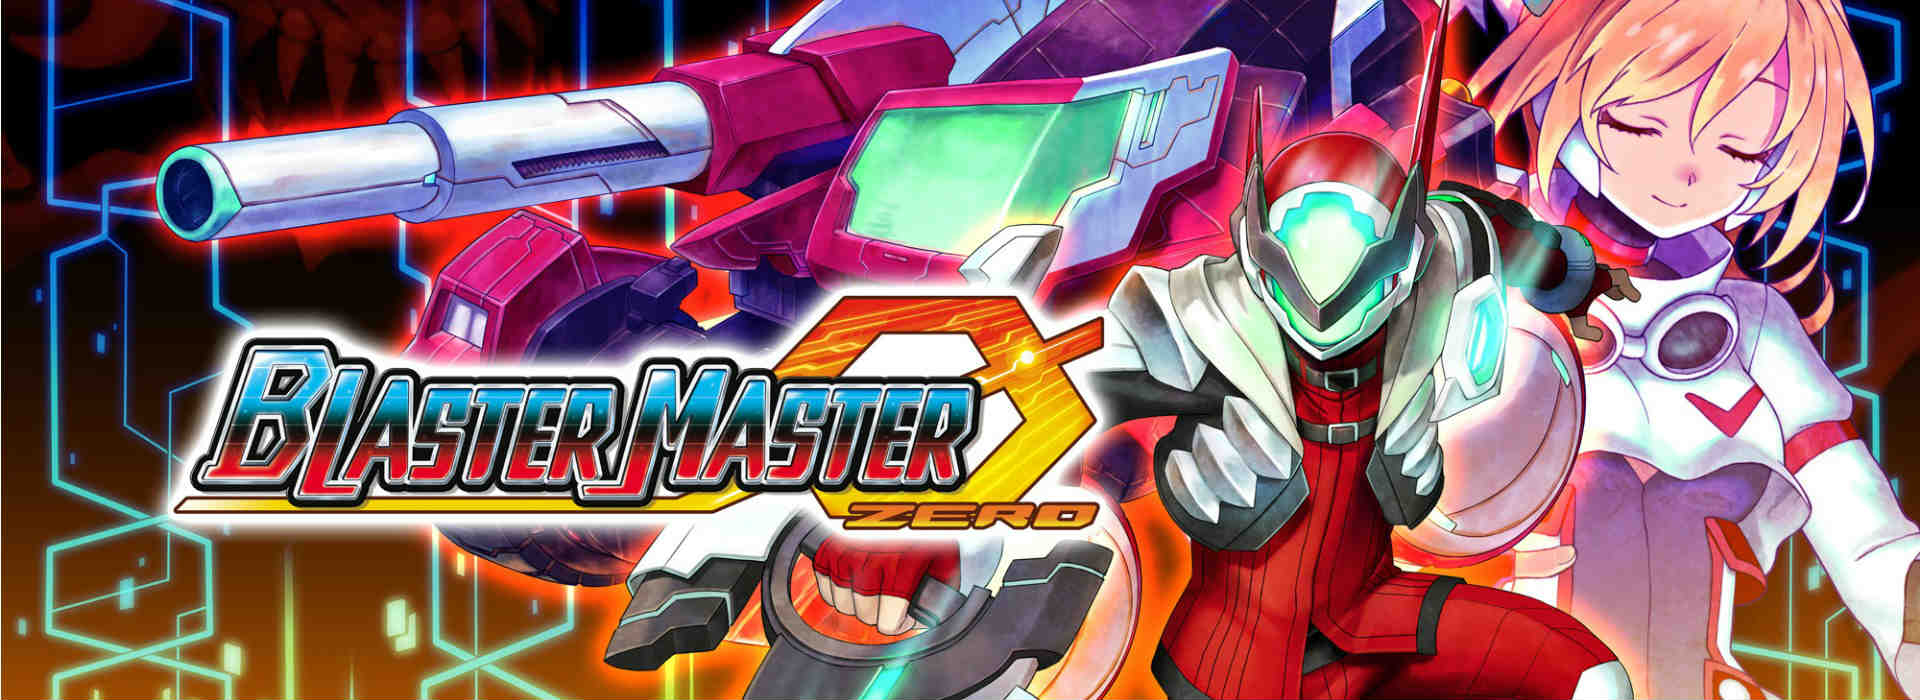 blaster-master-zero-main-visual